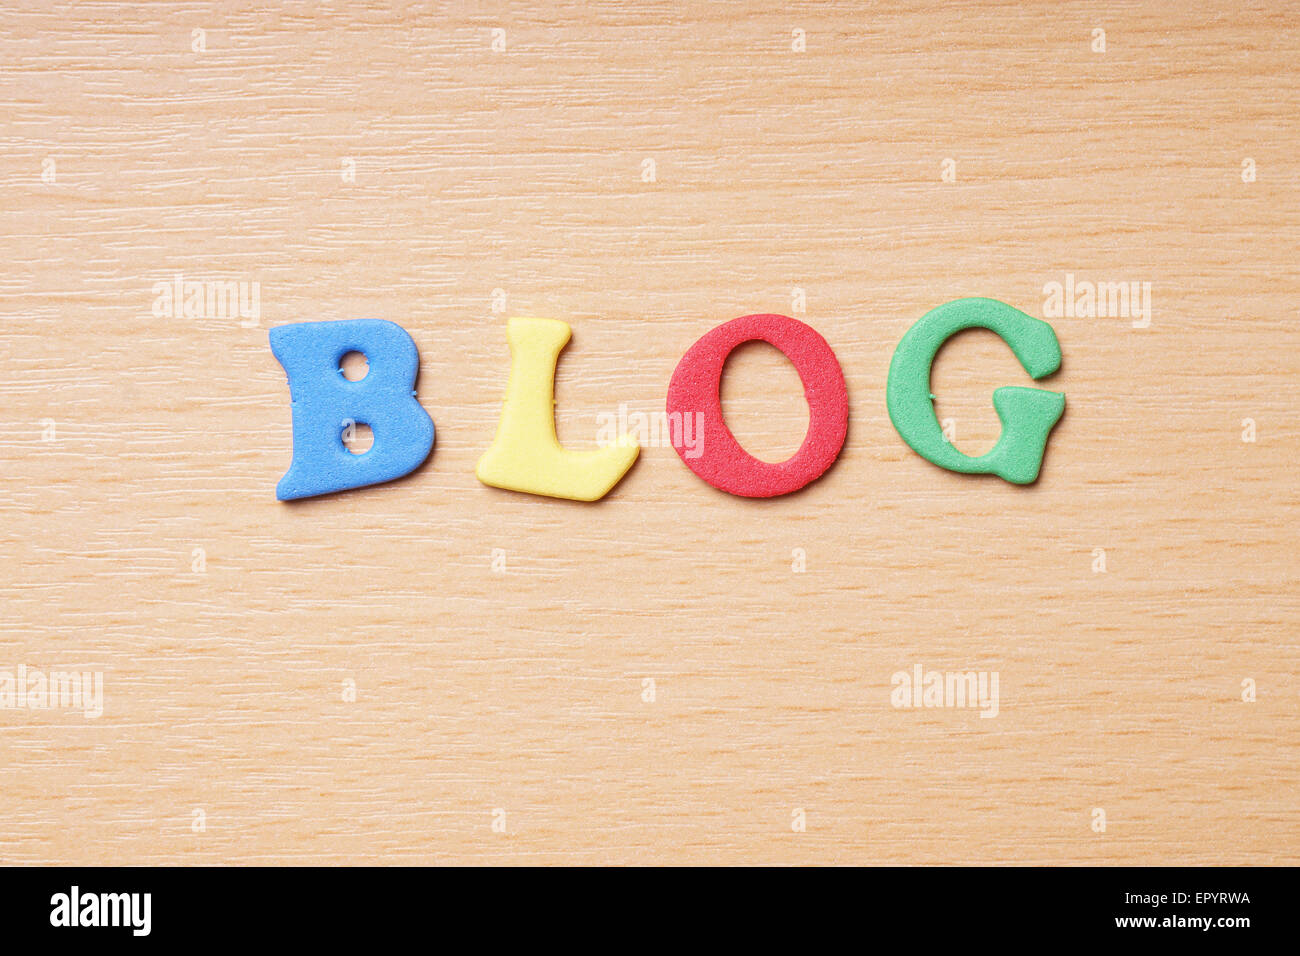 blog in foam rubber letters - Stock Image